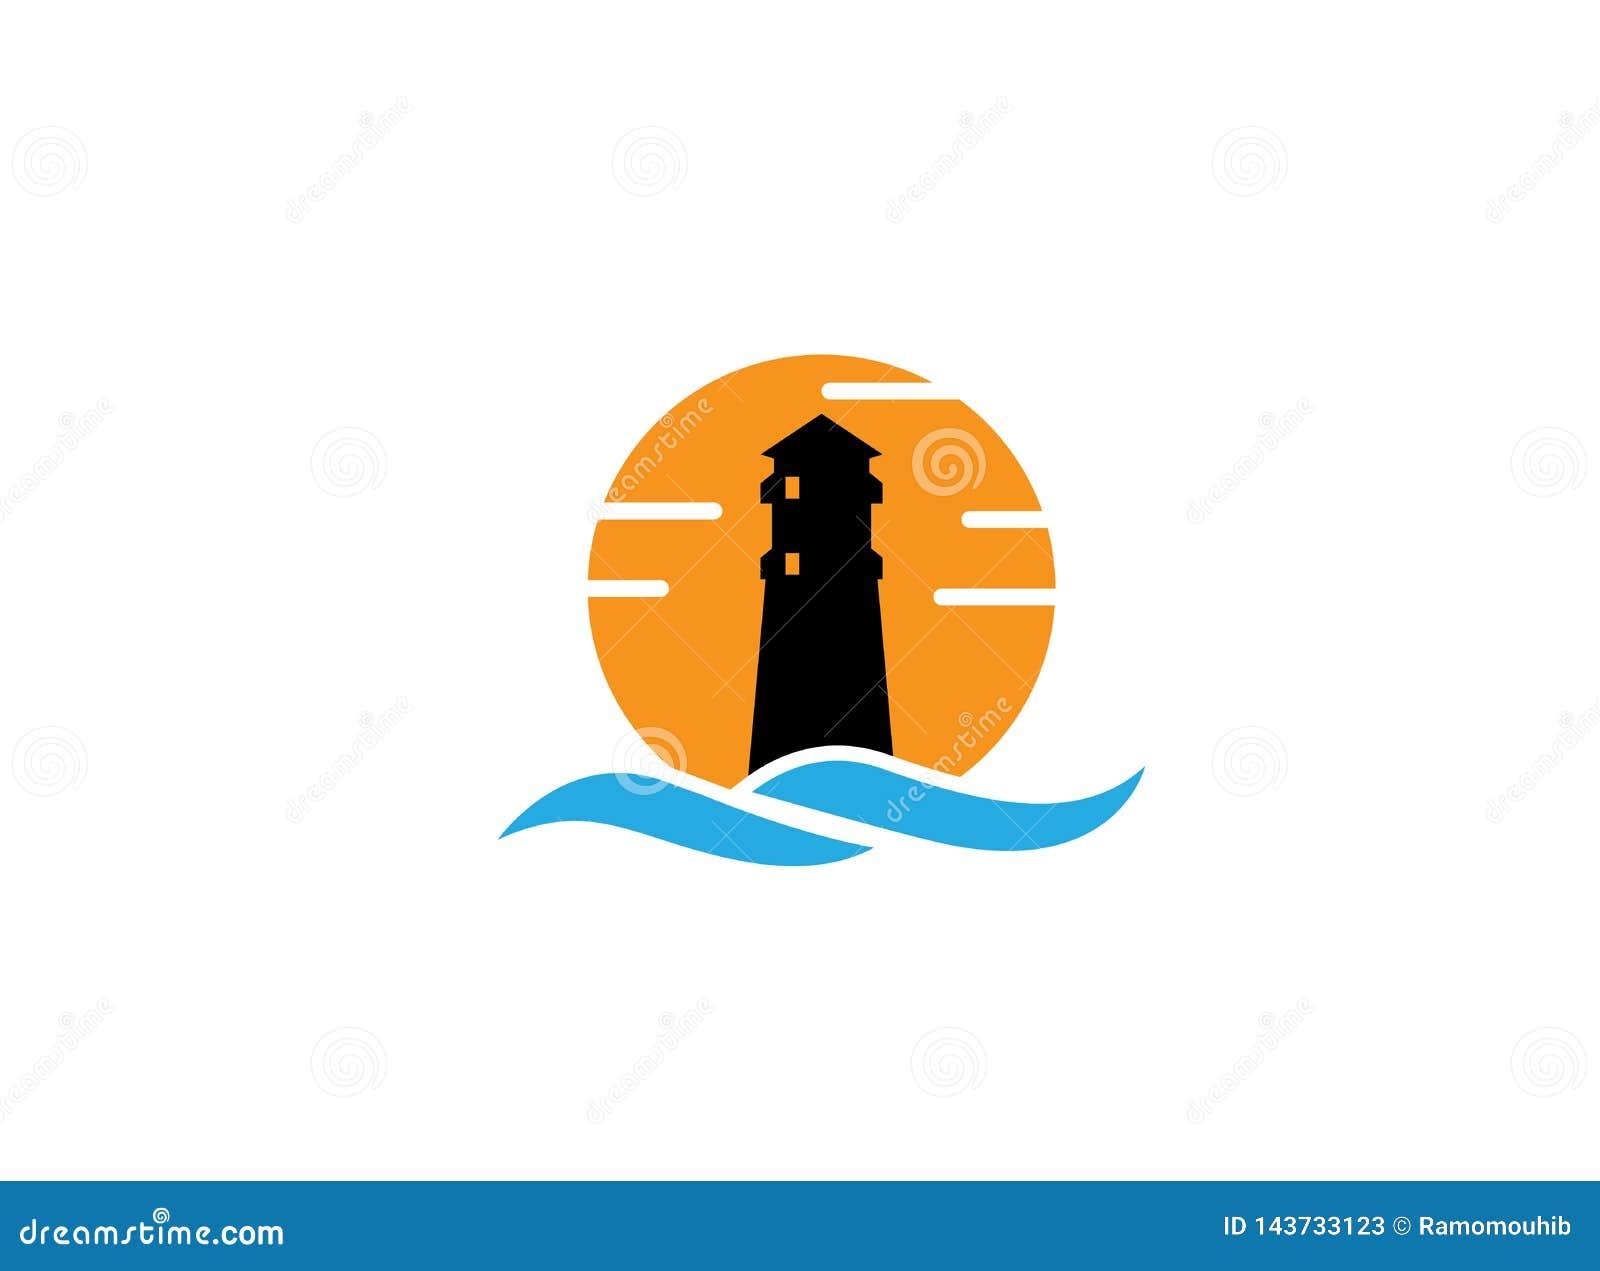 Faro en la isla en el medio del mar con un sol grande en el fondo para el ejemplo del diseño del logotipo un símbolo de la puesta